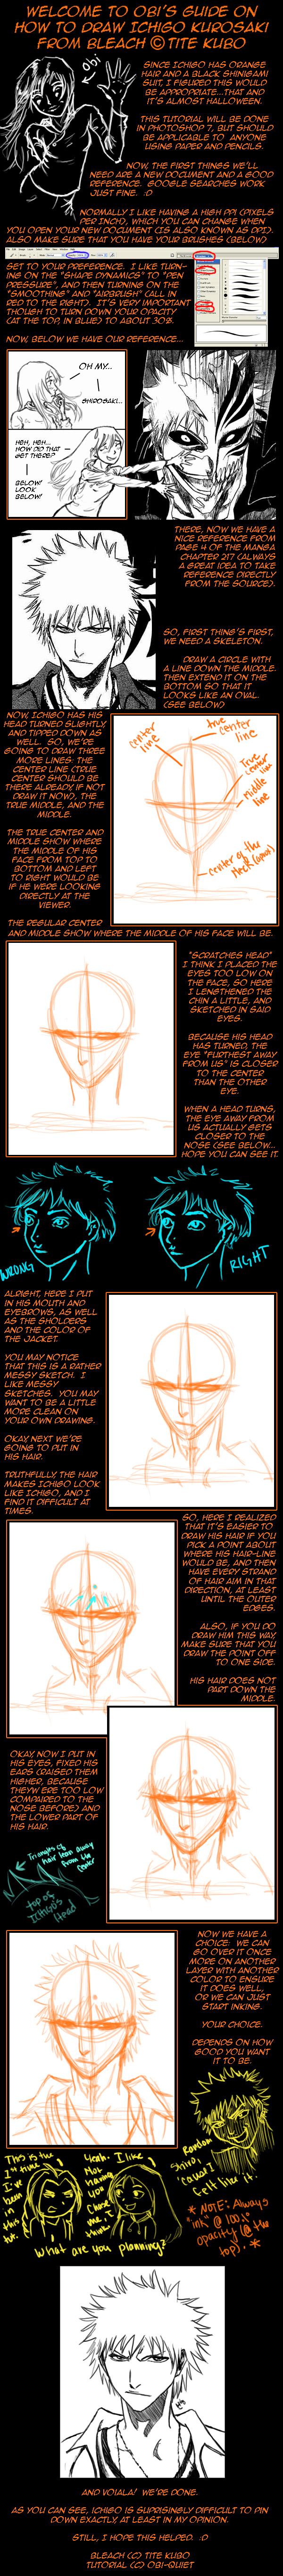 How To Draw Ichigo Kurosaki by Obi-quiet